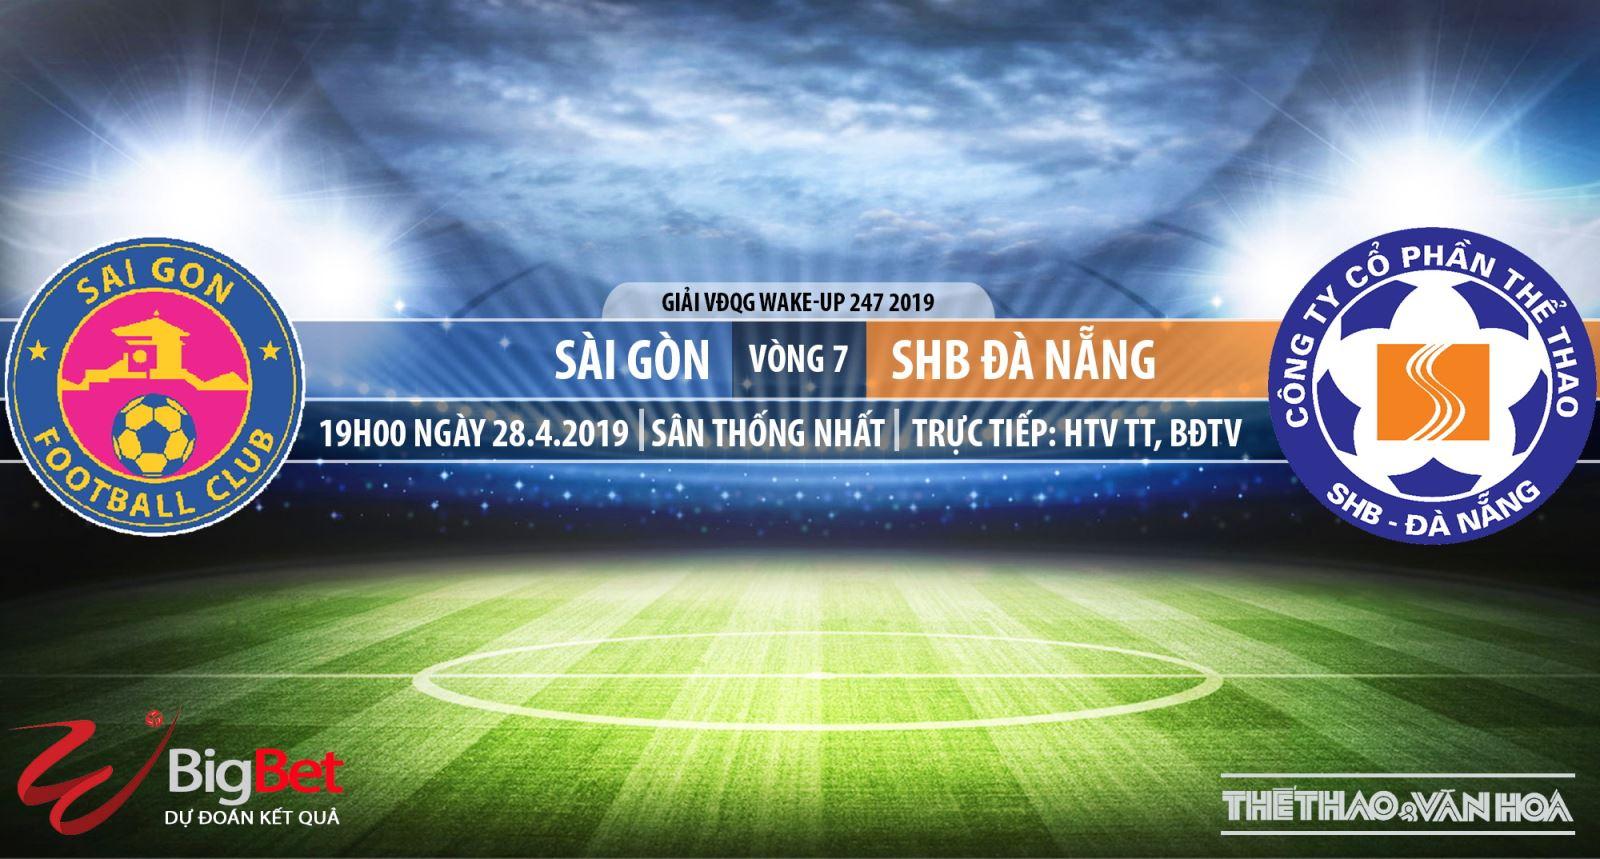 Trực tiếp bóng đá và nhận định Sài Gòn vsSHB Đà Nẵng (19h00, 28/04), V-League 2019